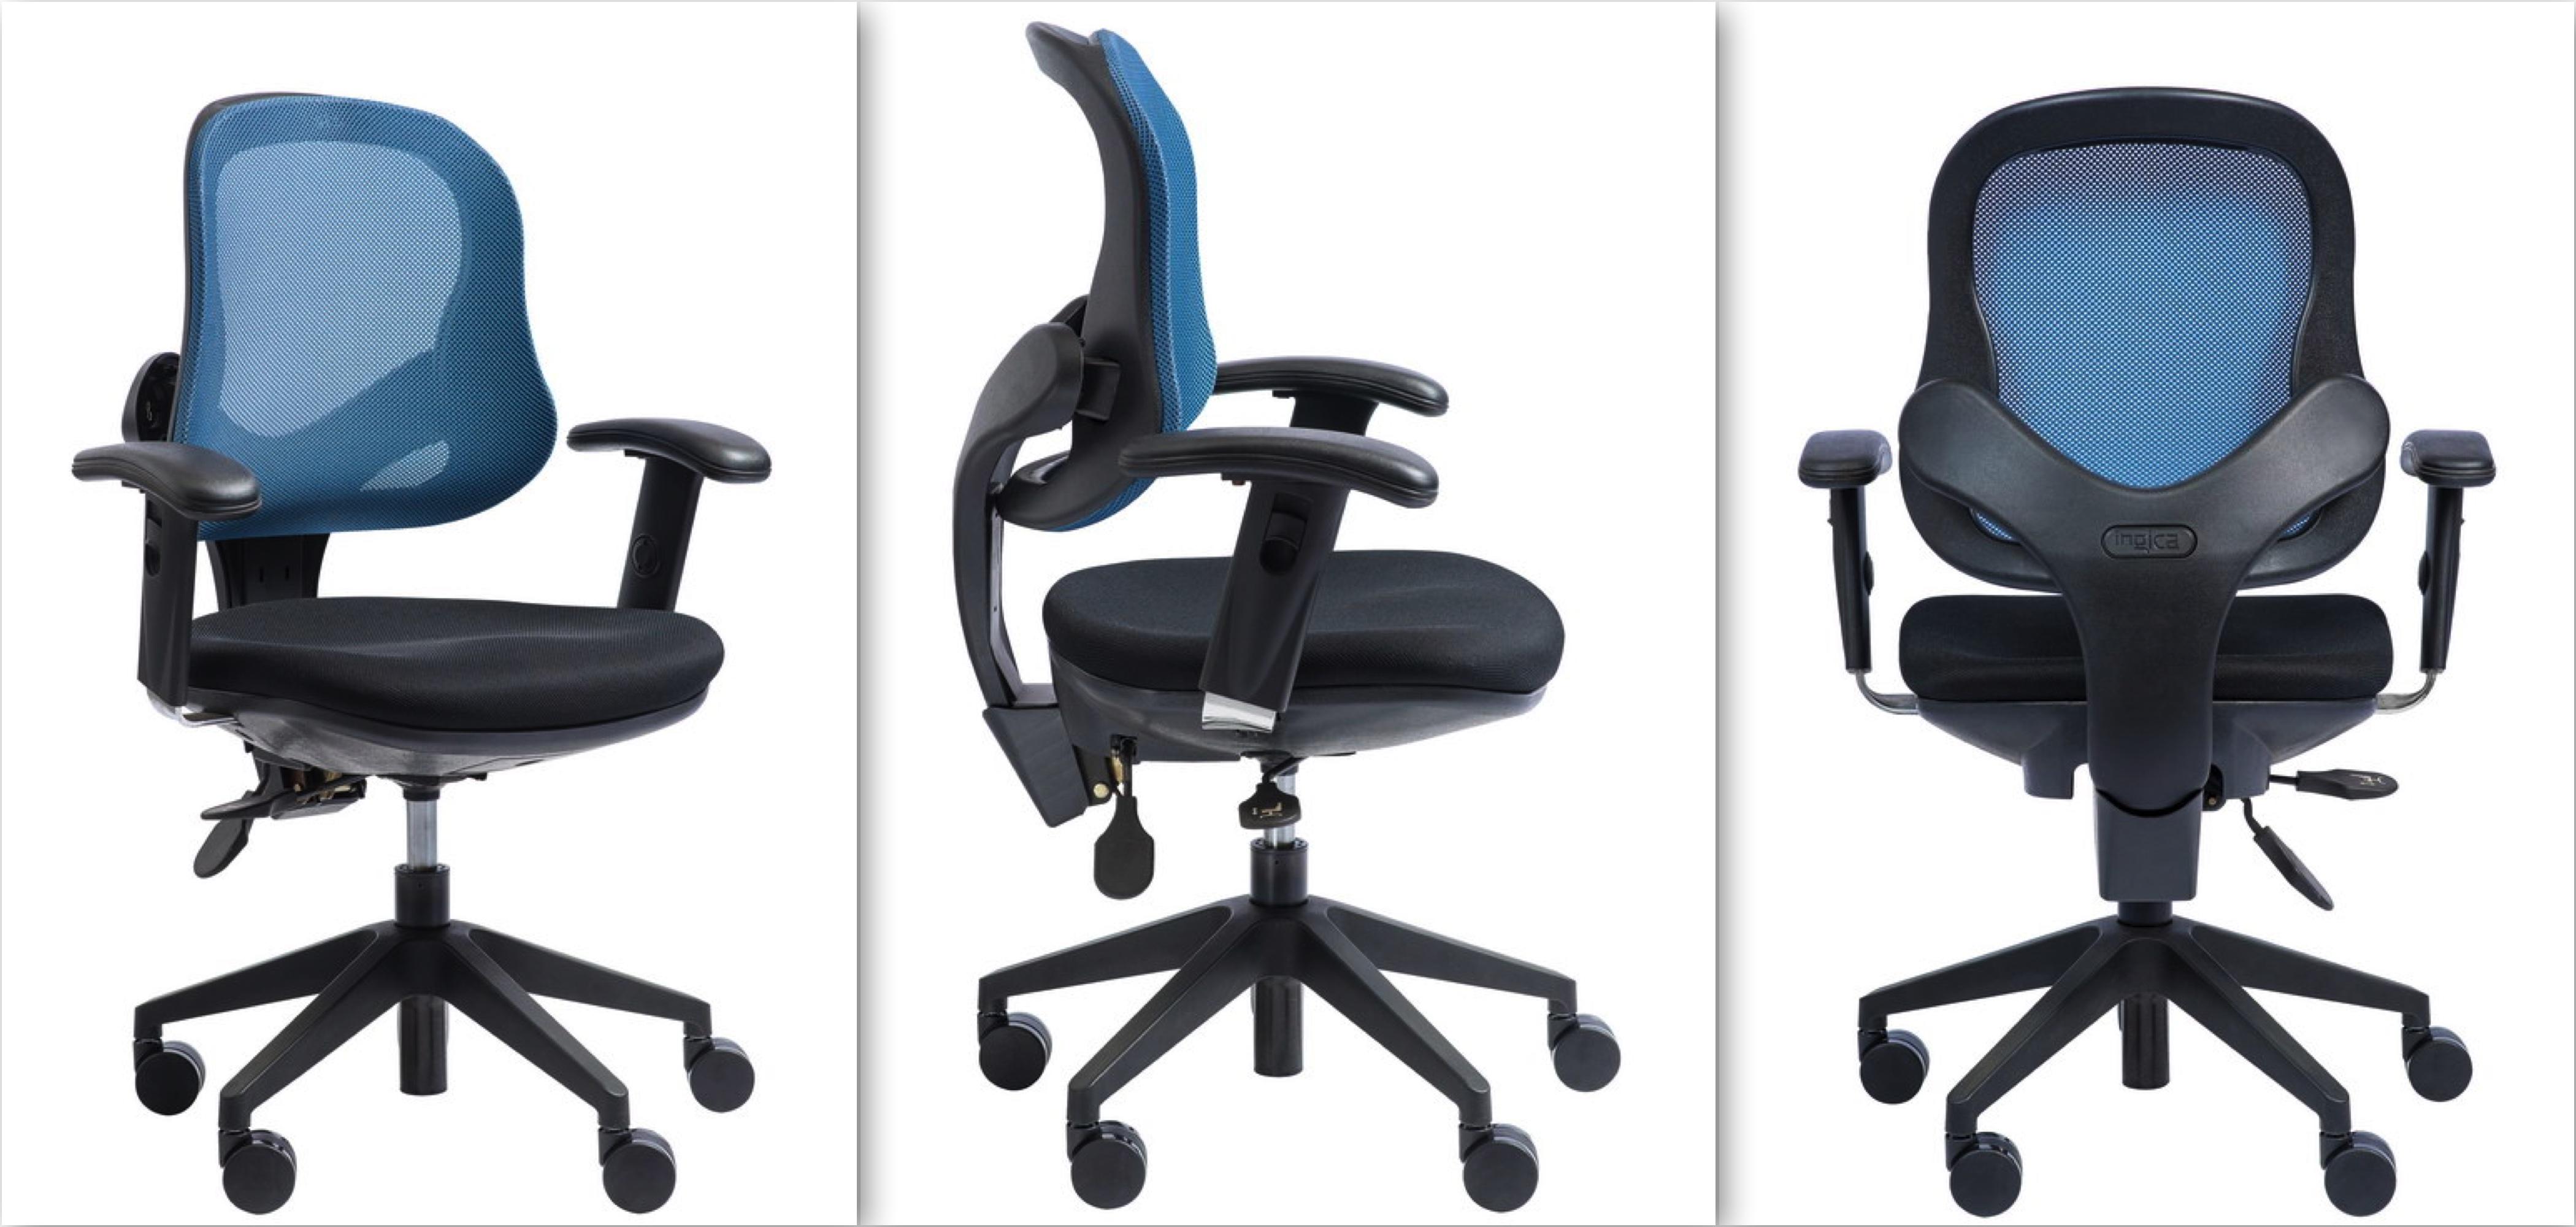 ingica辦公椅商品攝影阿宏_03